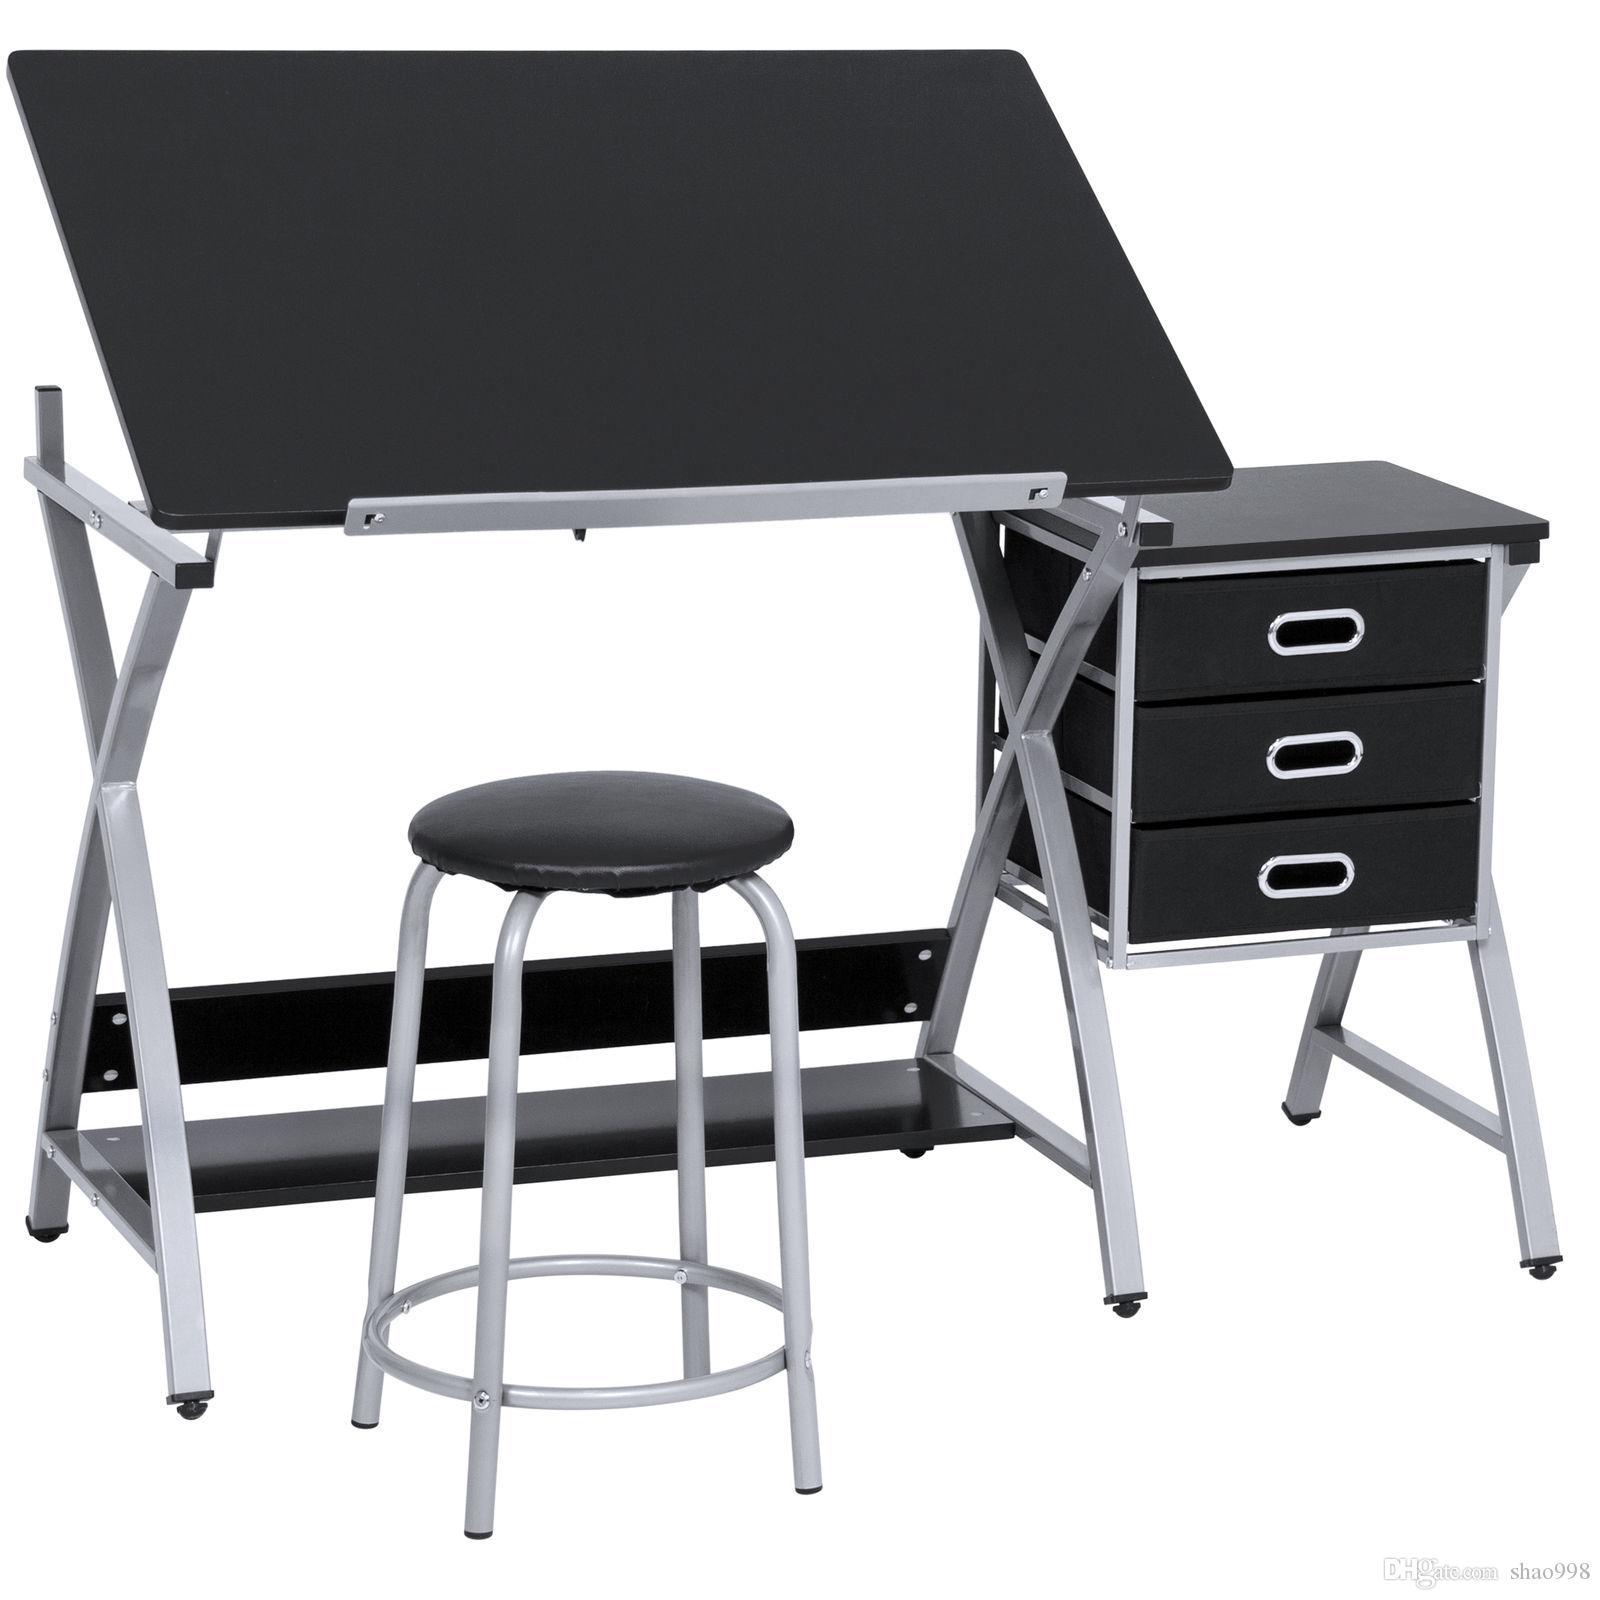 Compre Mesa De Dibujo Ajustable Para Oficina, Mesa De Dibujo, Juego ...